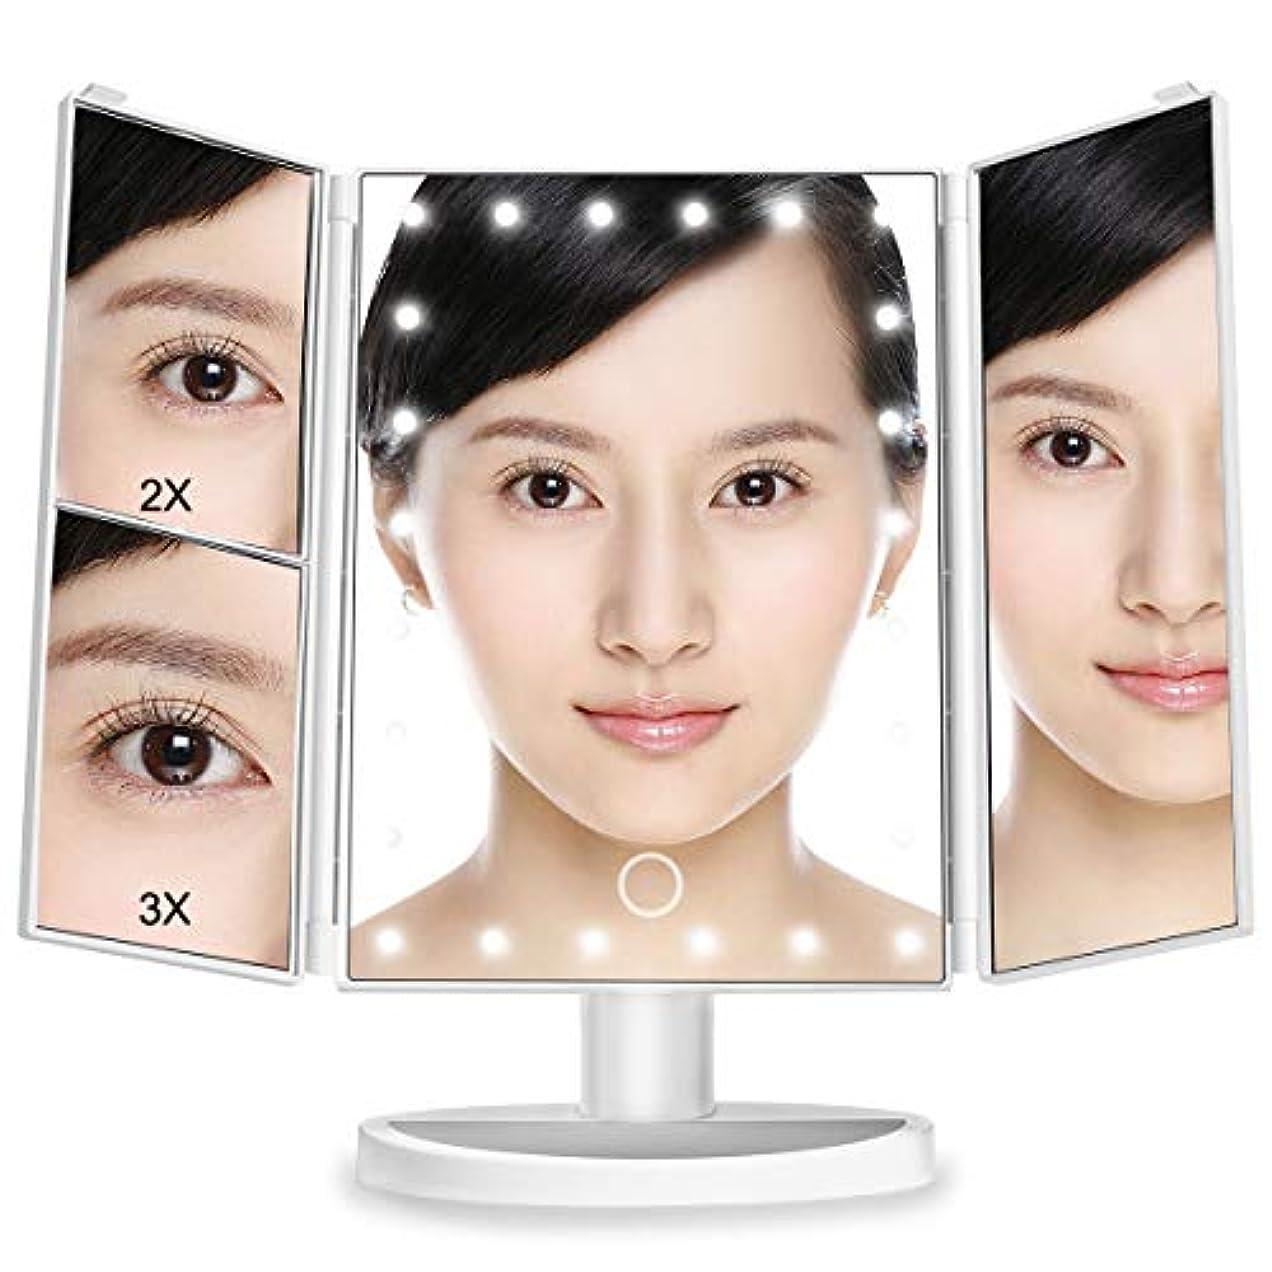 約設定消毒するである女優ミラー 三面鏡 鏡 led 卓上鏡 化粧鏡 化粧ミラー 鏡 折りたたみ式 ledライト付き 明るさ調整可能 2&3倍拡大鏡付 180 °回転 電池&USB 2WAY給電